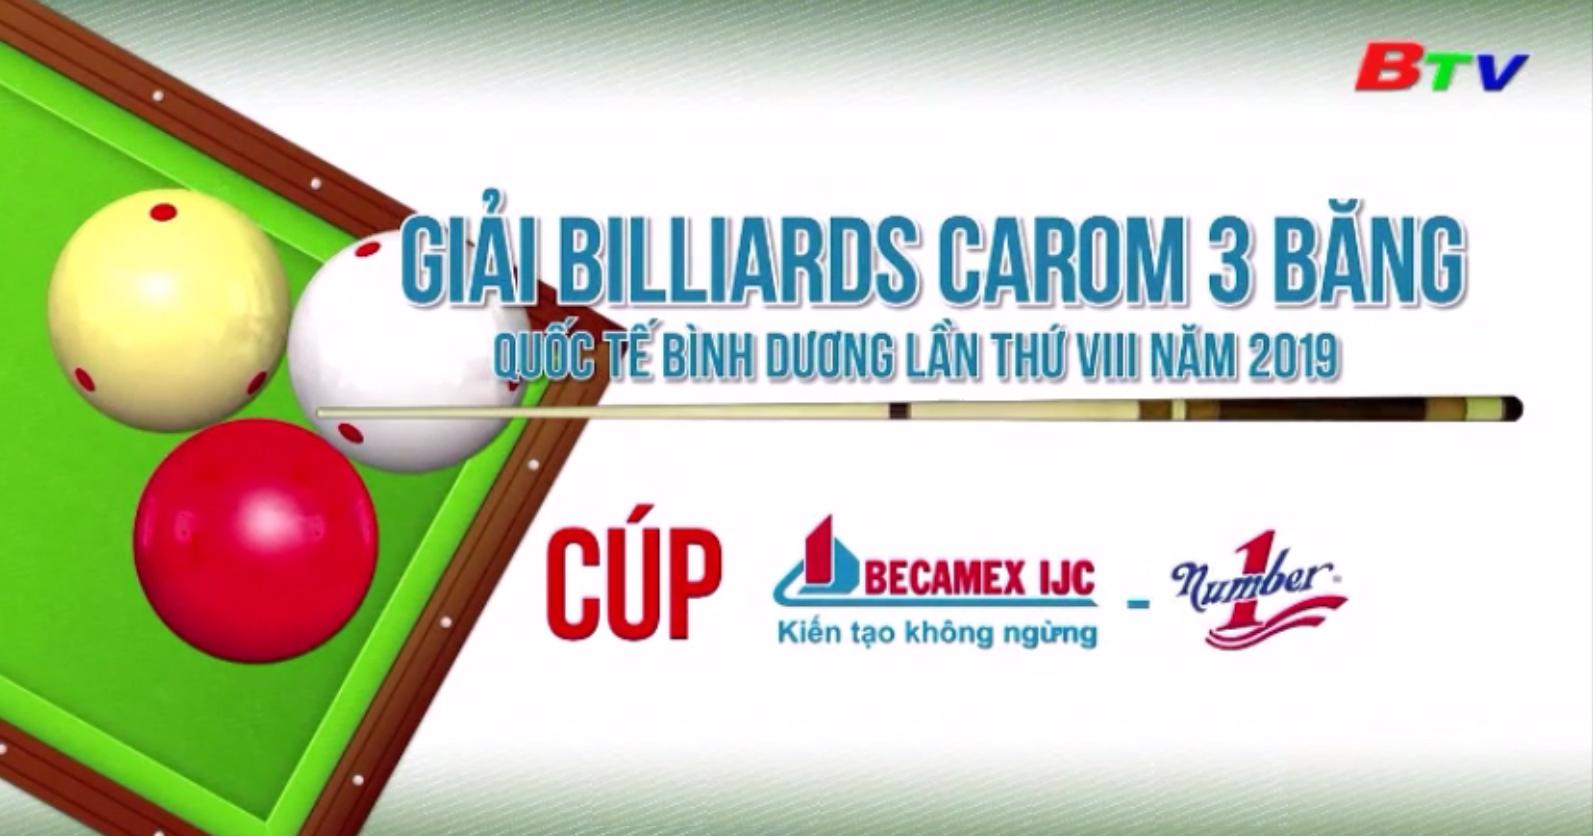 Những đường cơ đẹp tại Giải Billiards Carom 3 băng Quốc tế Bình Dương lần VIII năm 2019